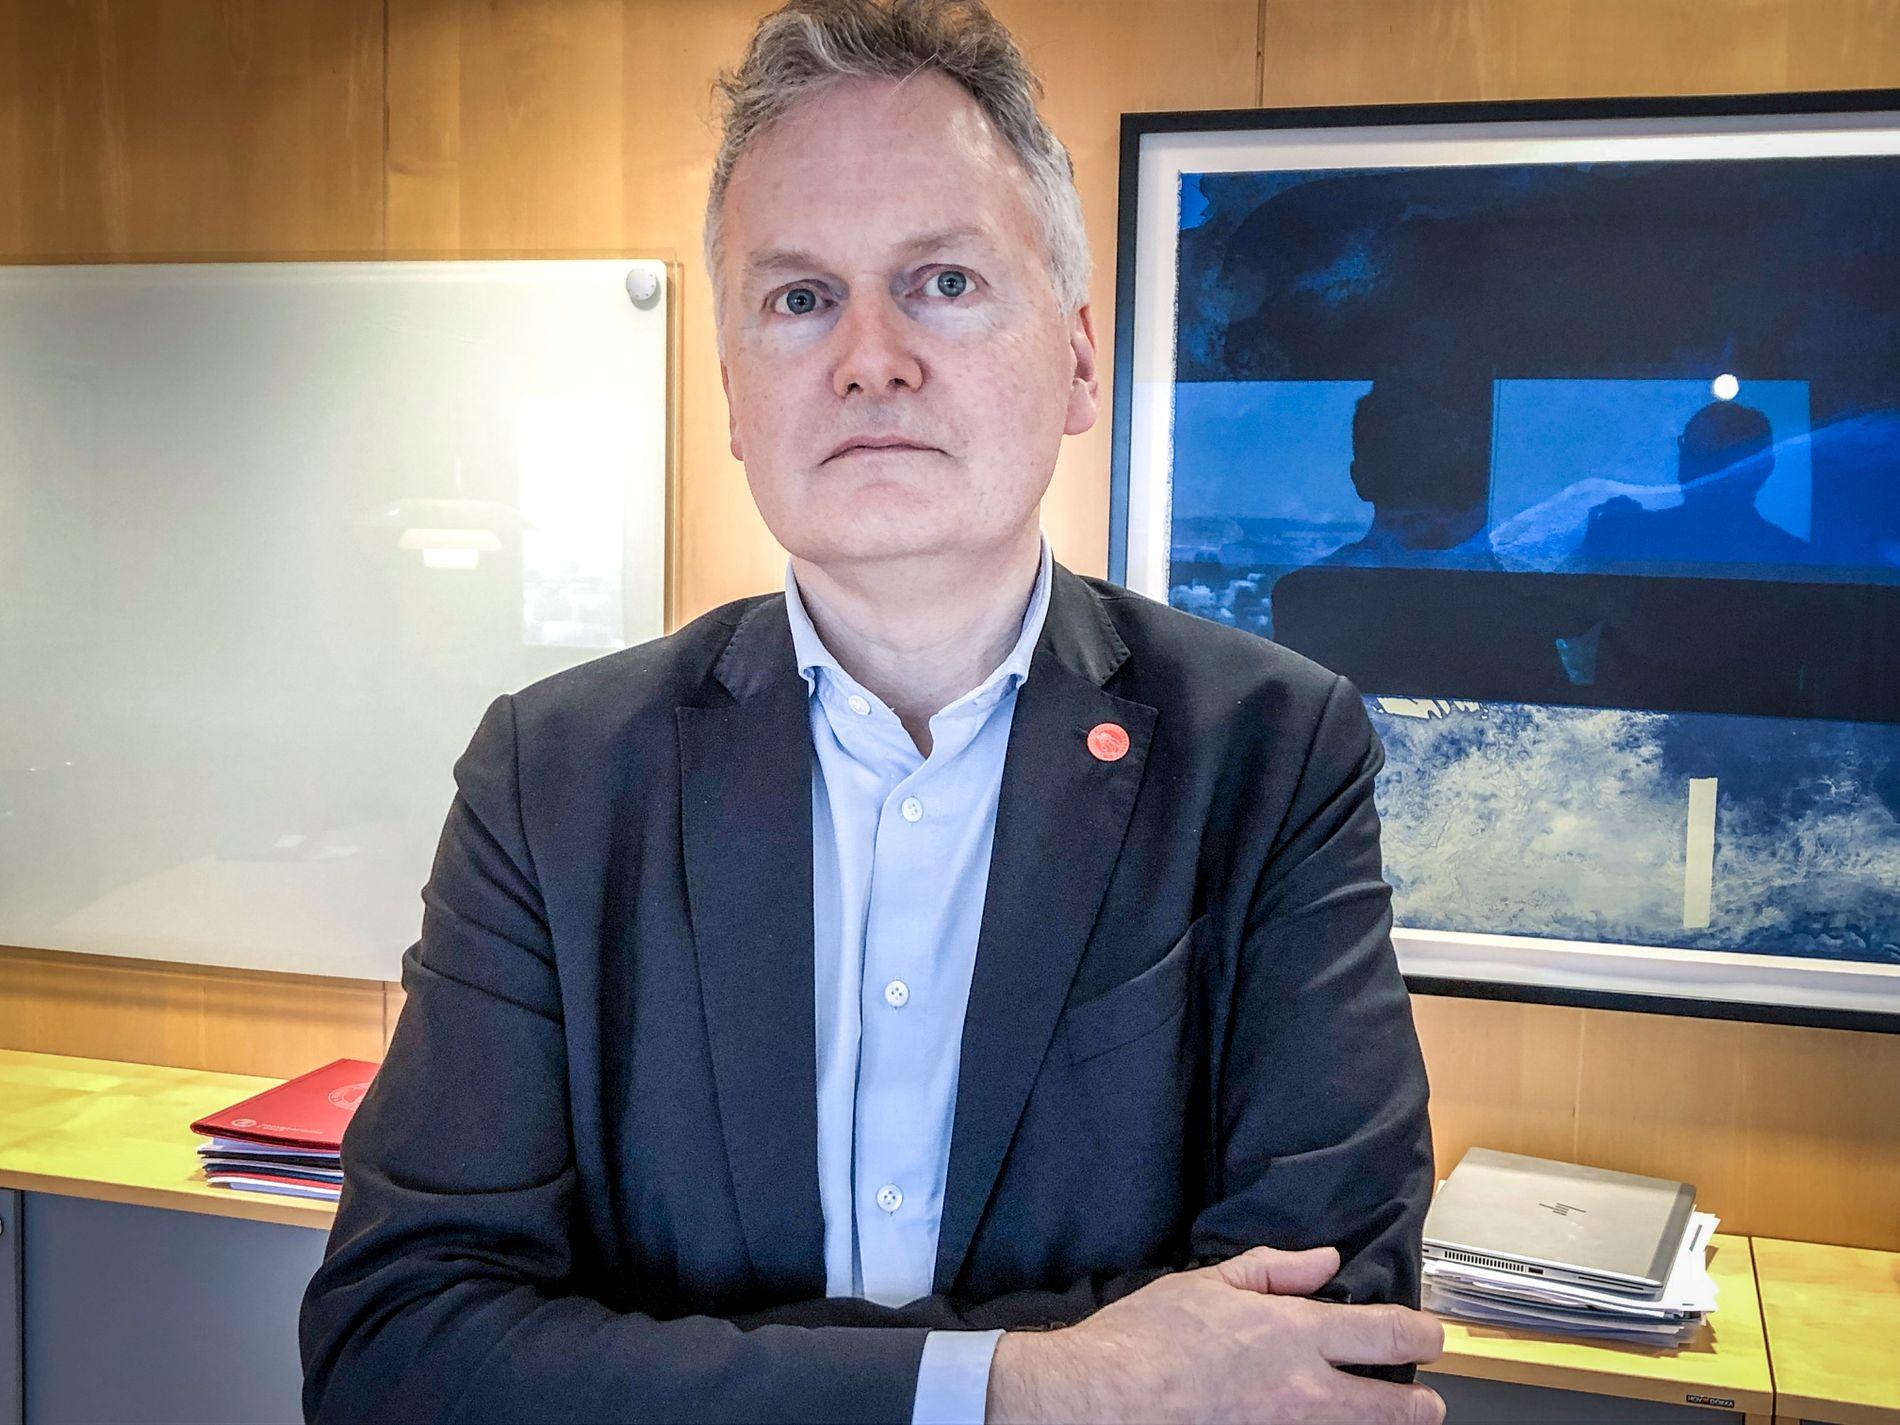 VIL KUTTE TAXIKJØRING: Direktør Arne Benjaminsen ved Universitetet i Oslo foretrekker at flere ansatte benytter seg av elbilordningen enn å ta taxi.